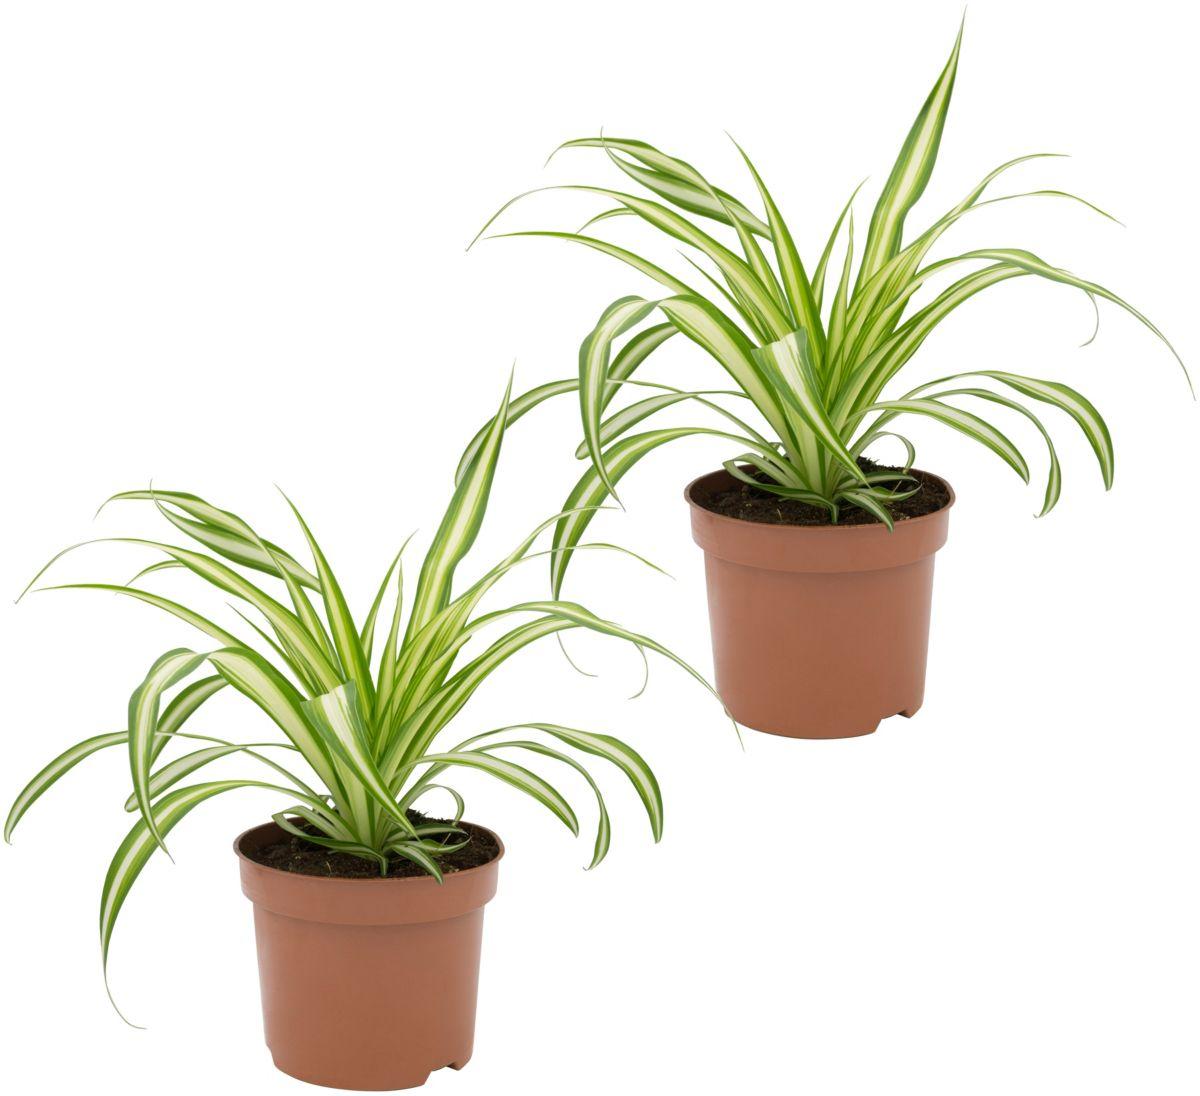 Zimmerpflanze »Grünlilien«, Höhe: 15 cm, 2 Pfla...